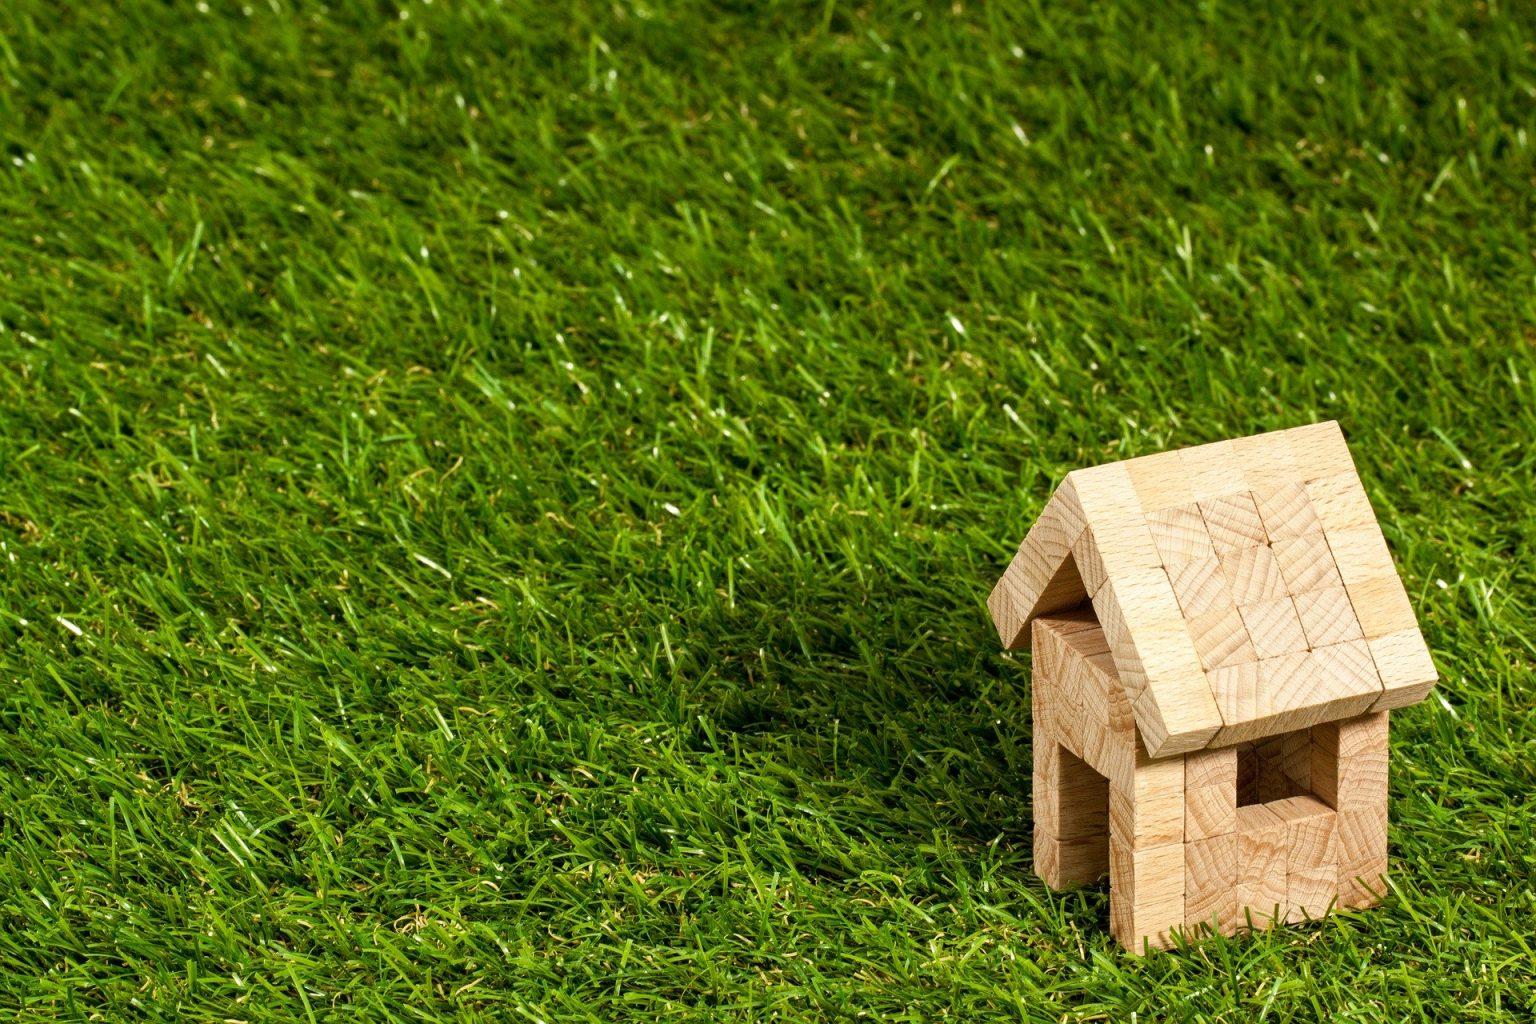 house-1353389_1920-1536x1024